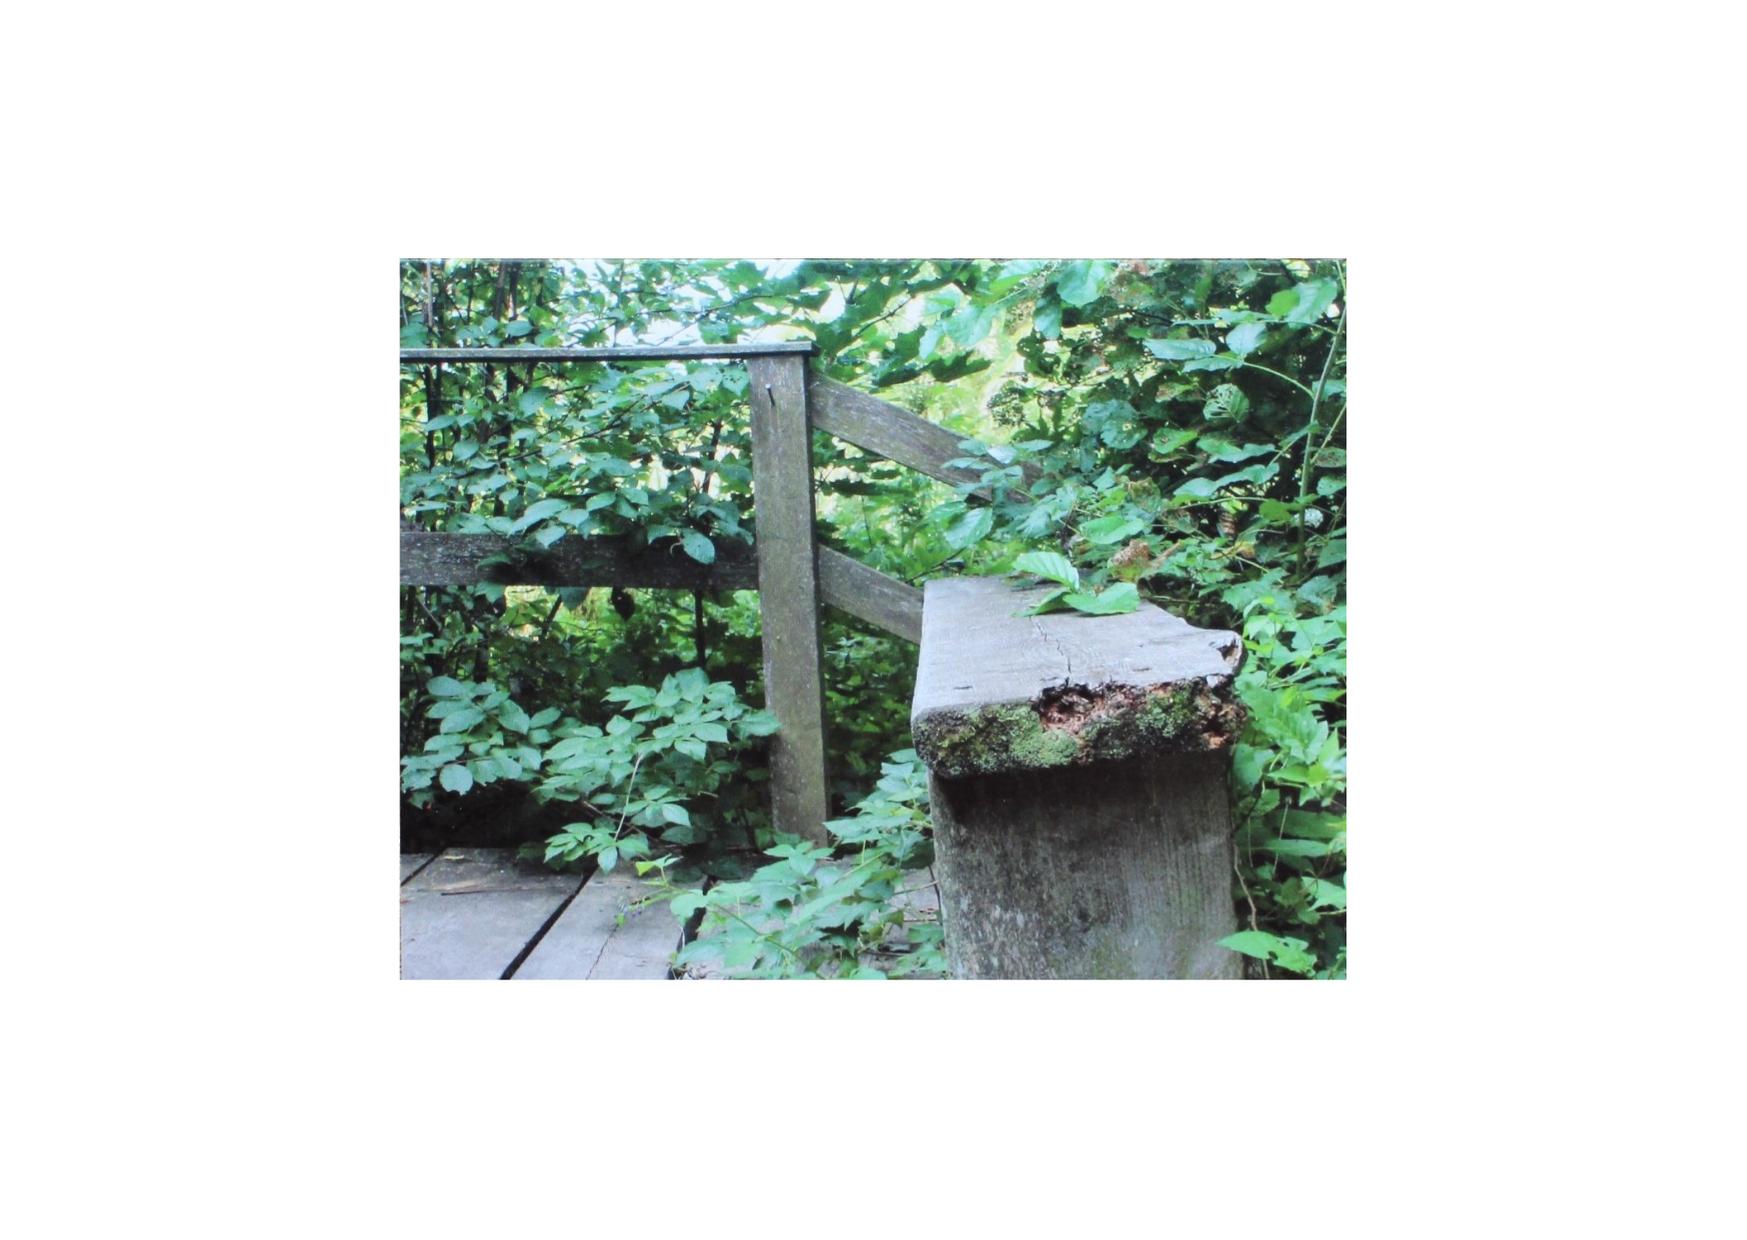 Metsän kätköihin -runokortti 002